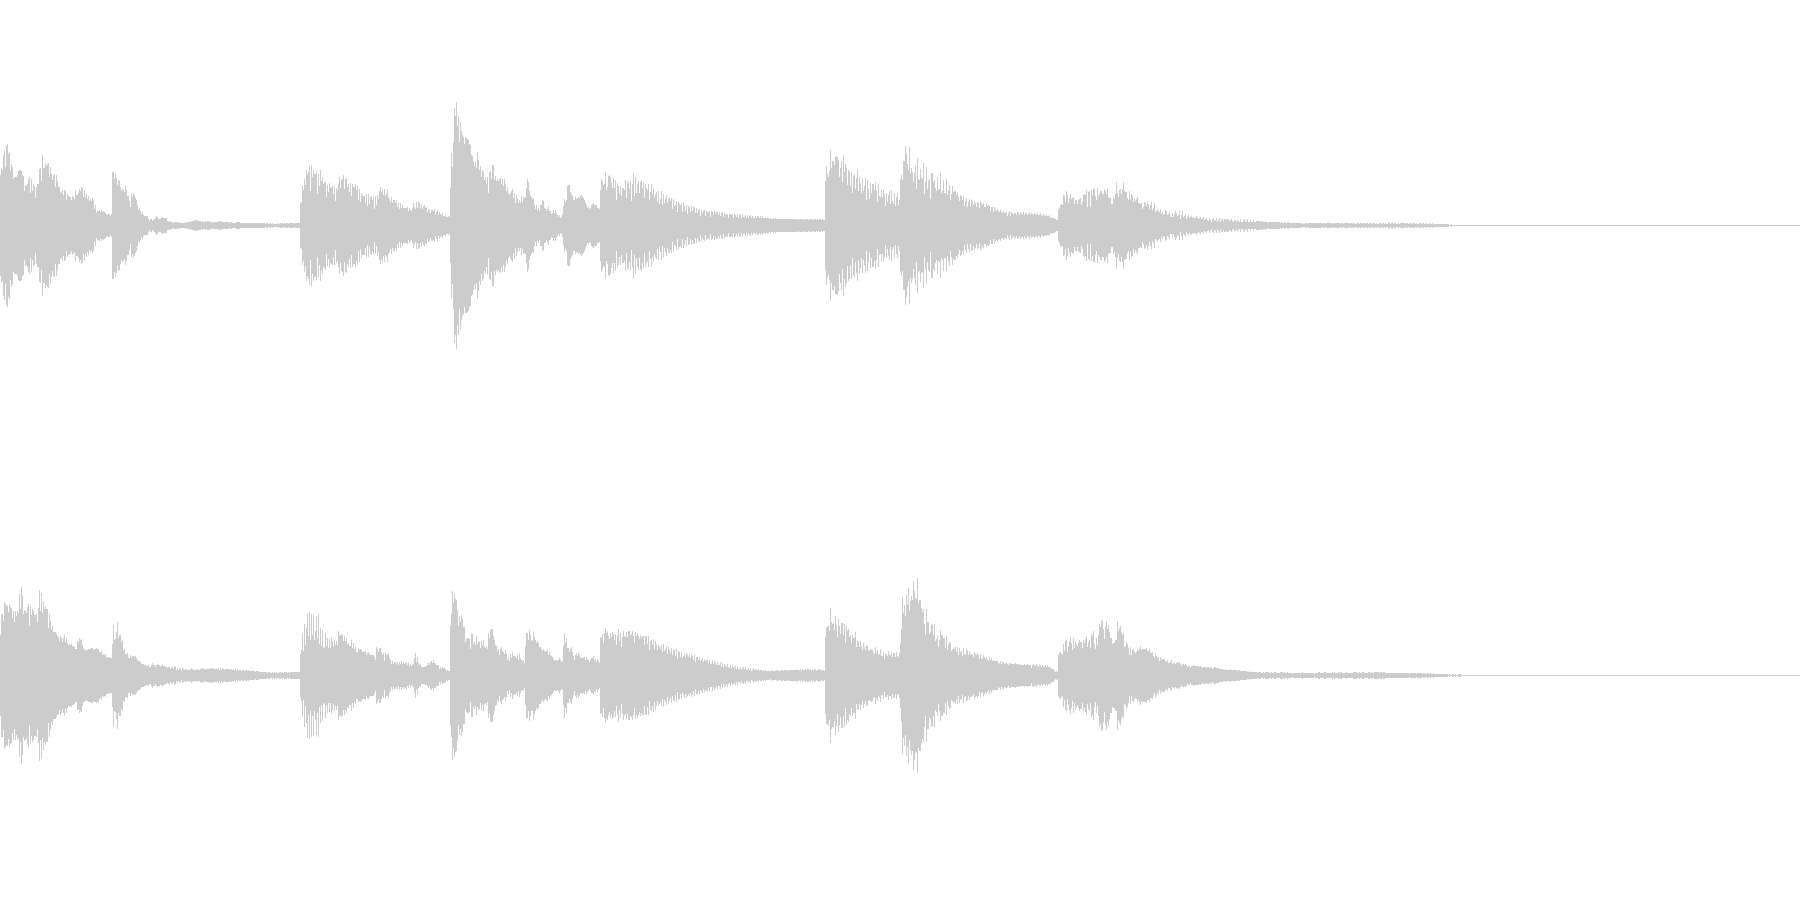 シンプルなピアノジングルの未再生の波形